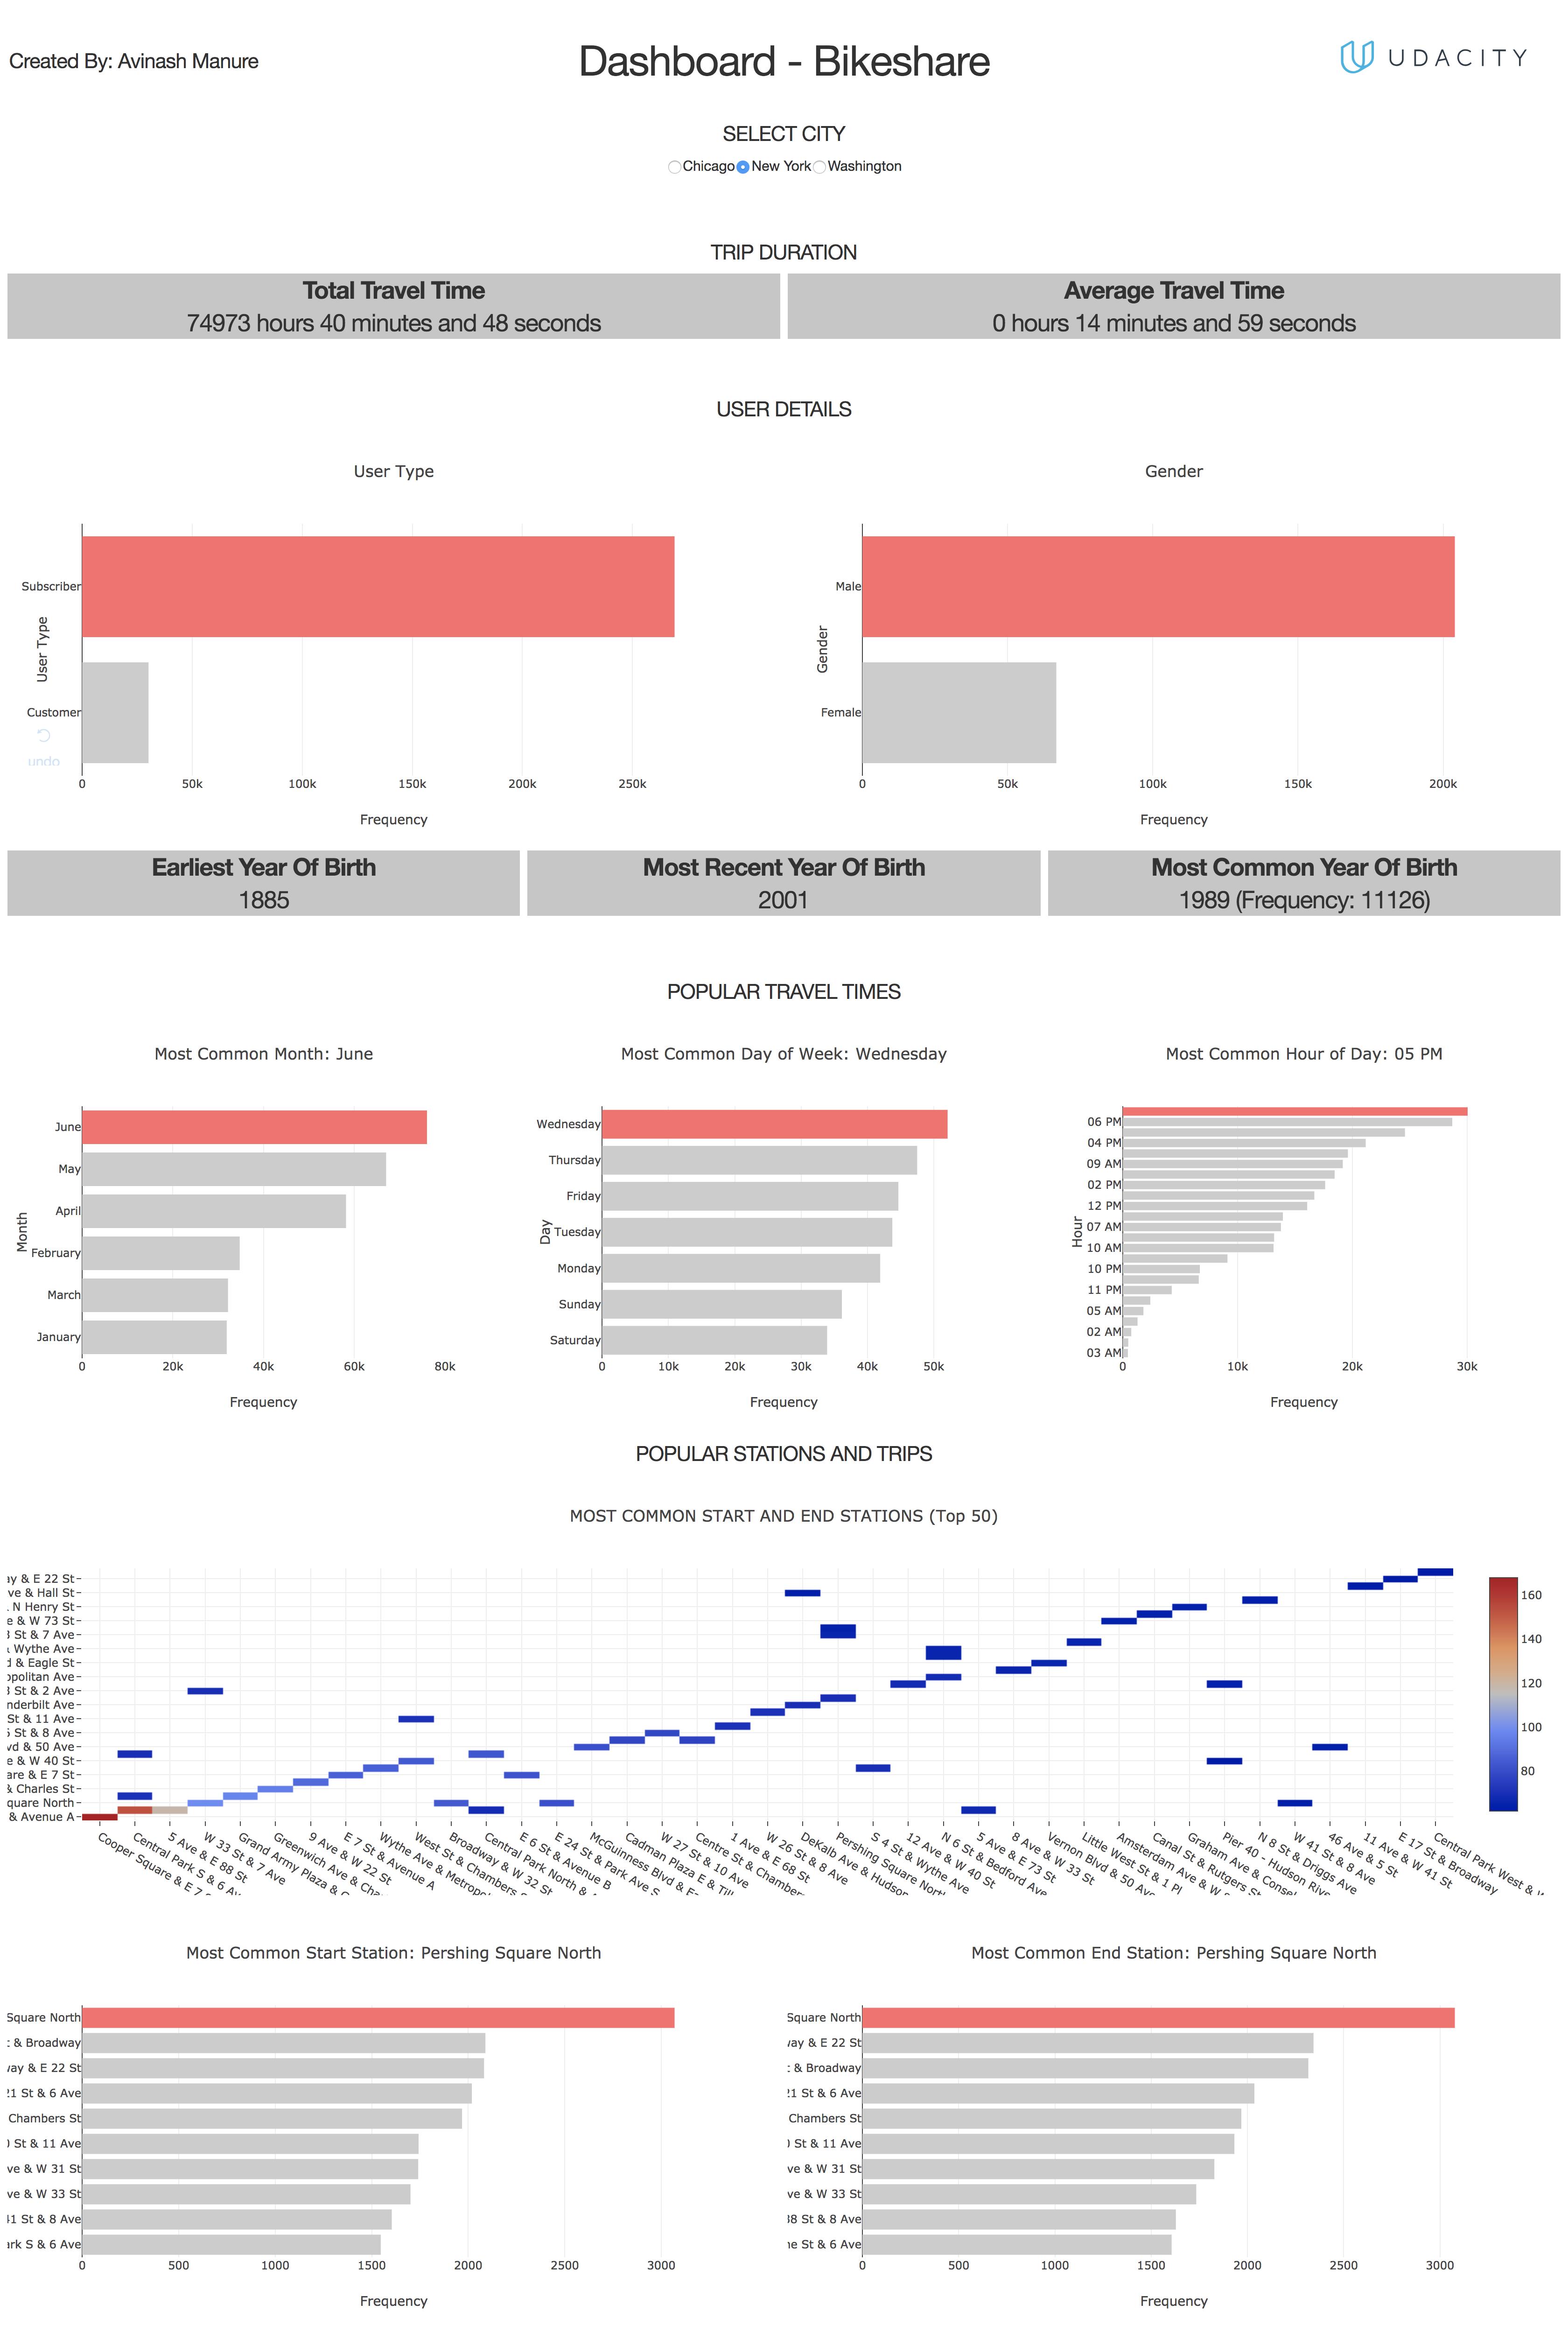 GitHub - avinax/us-bikeshare-dashboard-using-plotly-dash